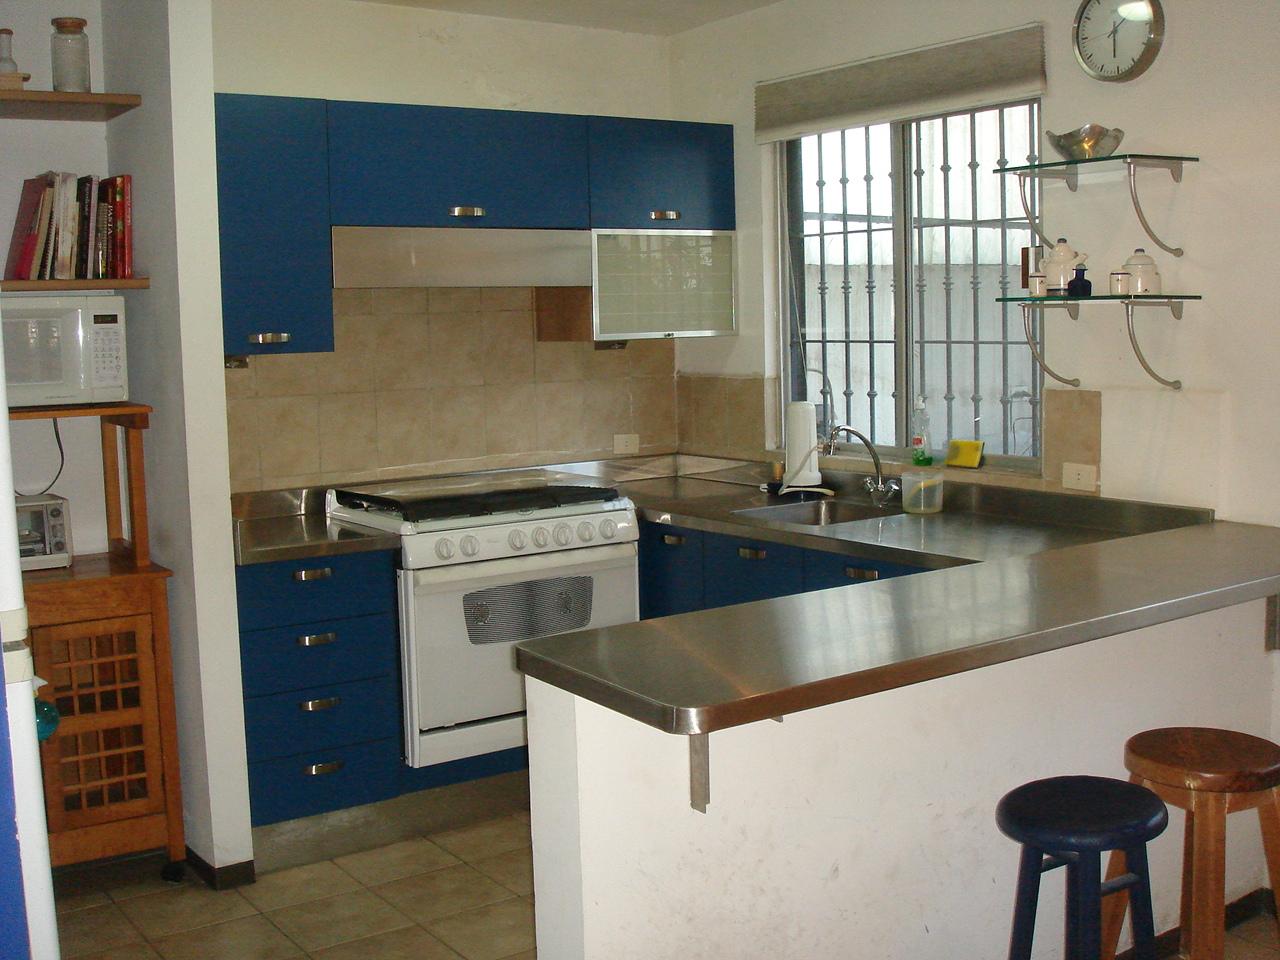 Cocinas gas butano ikea cocina completa varios colores - Cocina con clase ...